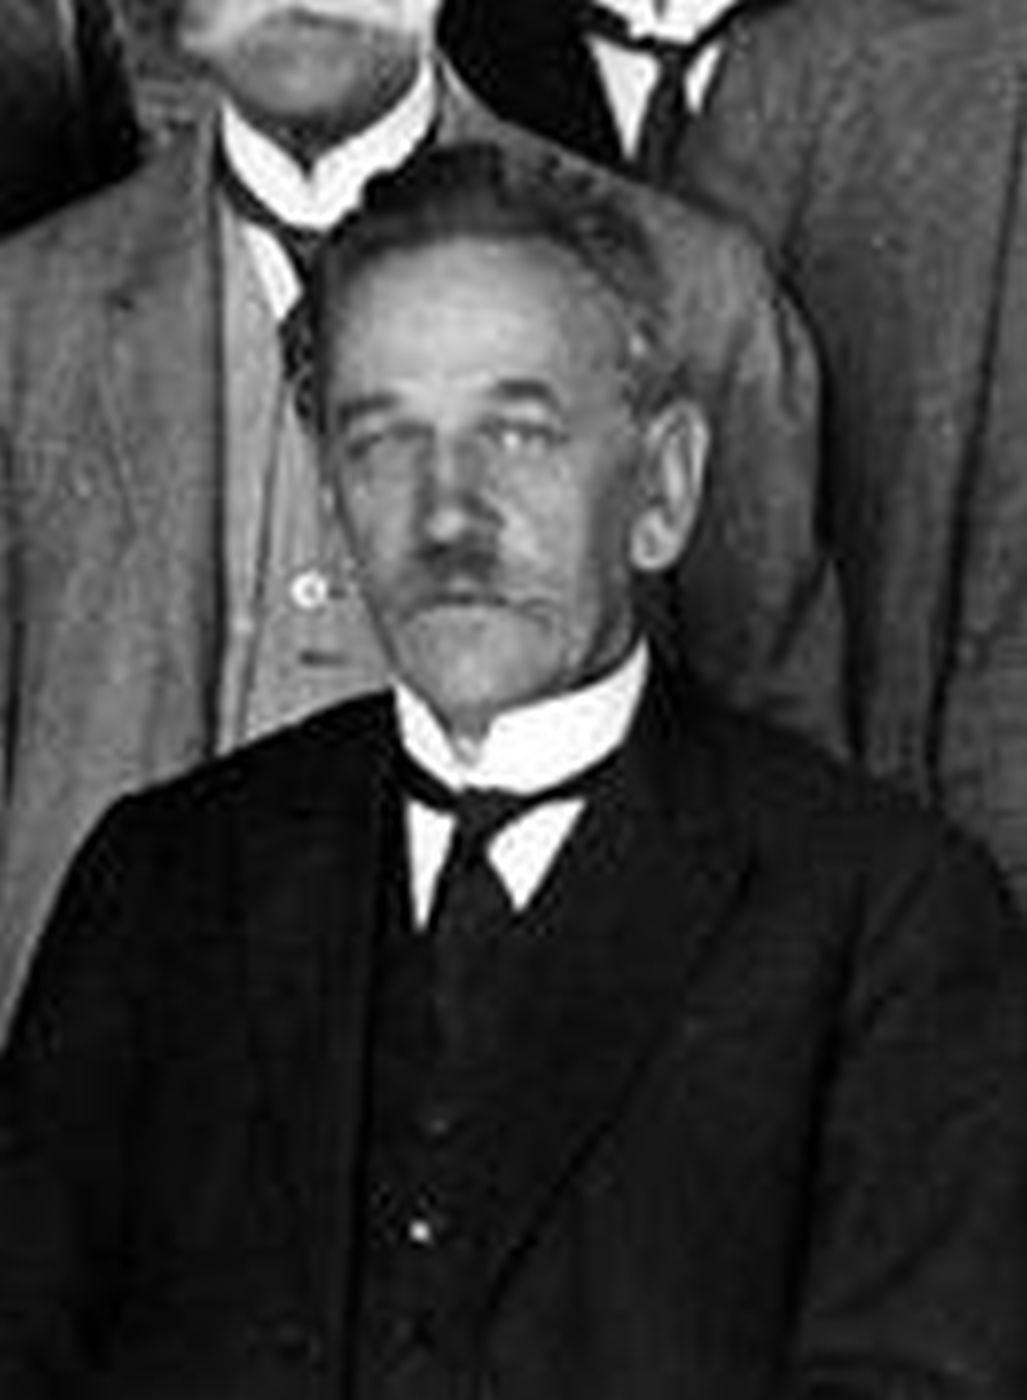 Первый премьер-министр возрожденного польского государства Енджей Морачевский